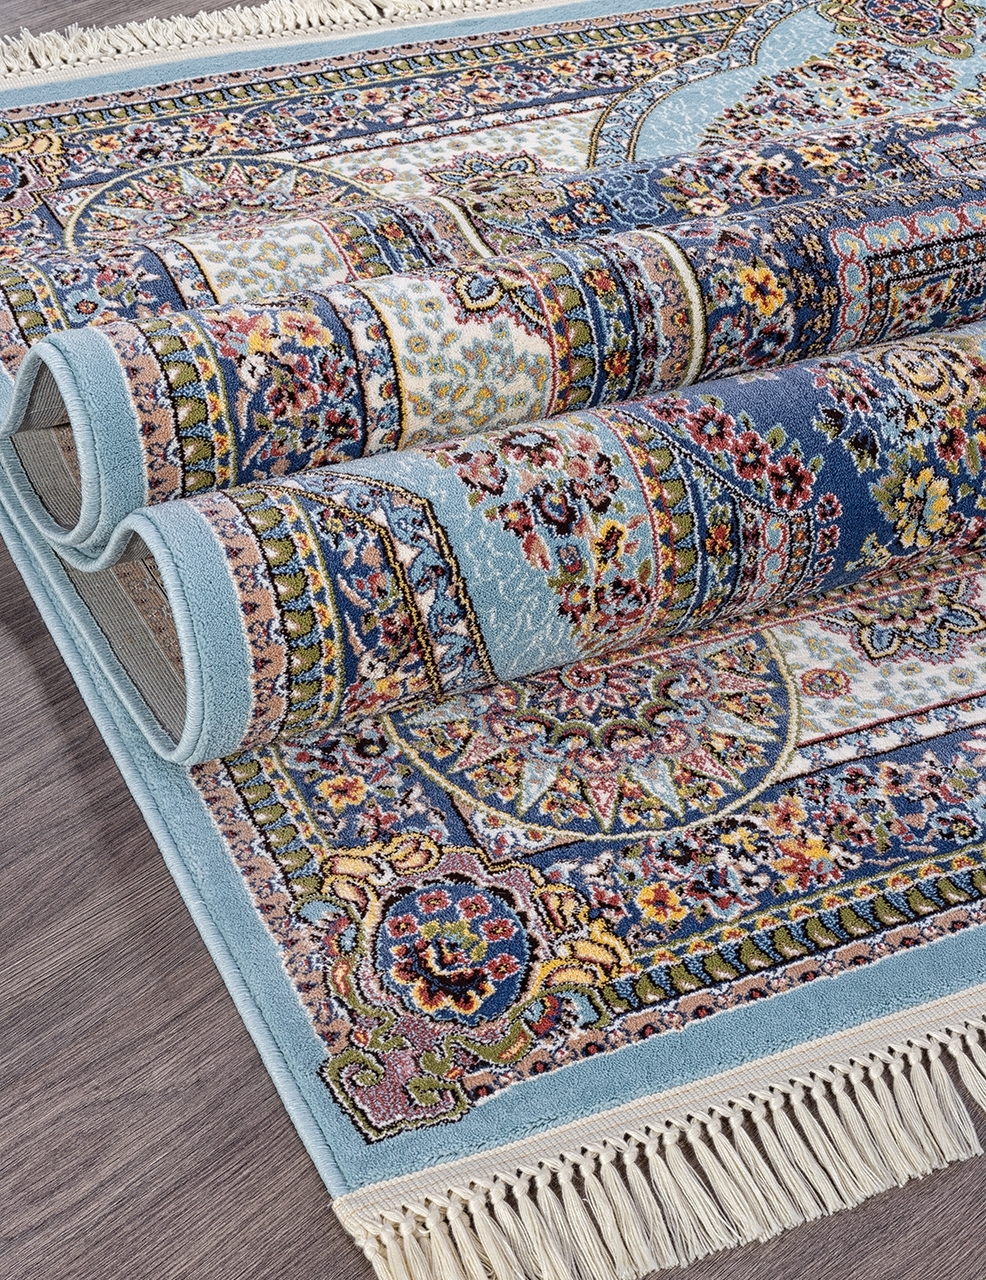 Ковер 6805 - BLUE-NAVY - Прямоугольник - коллекция ARAVIA - фото 4